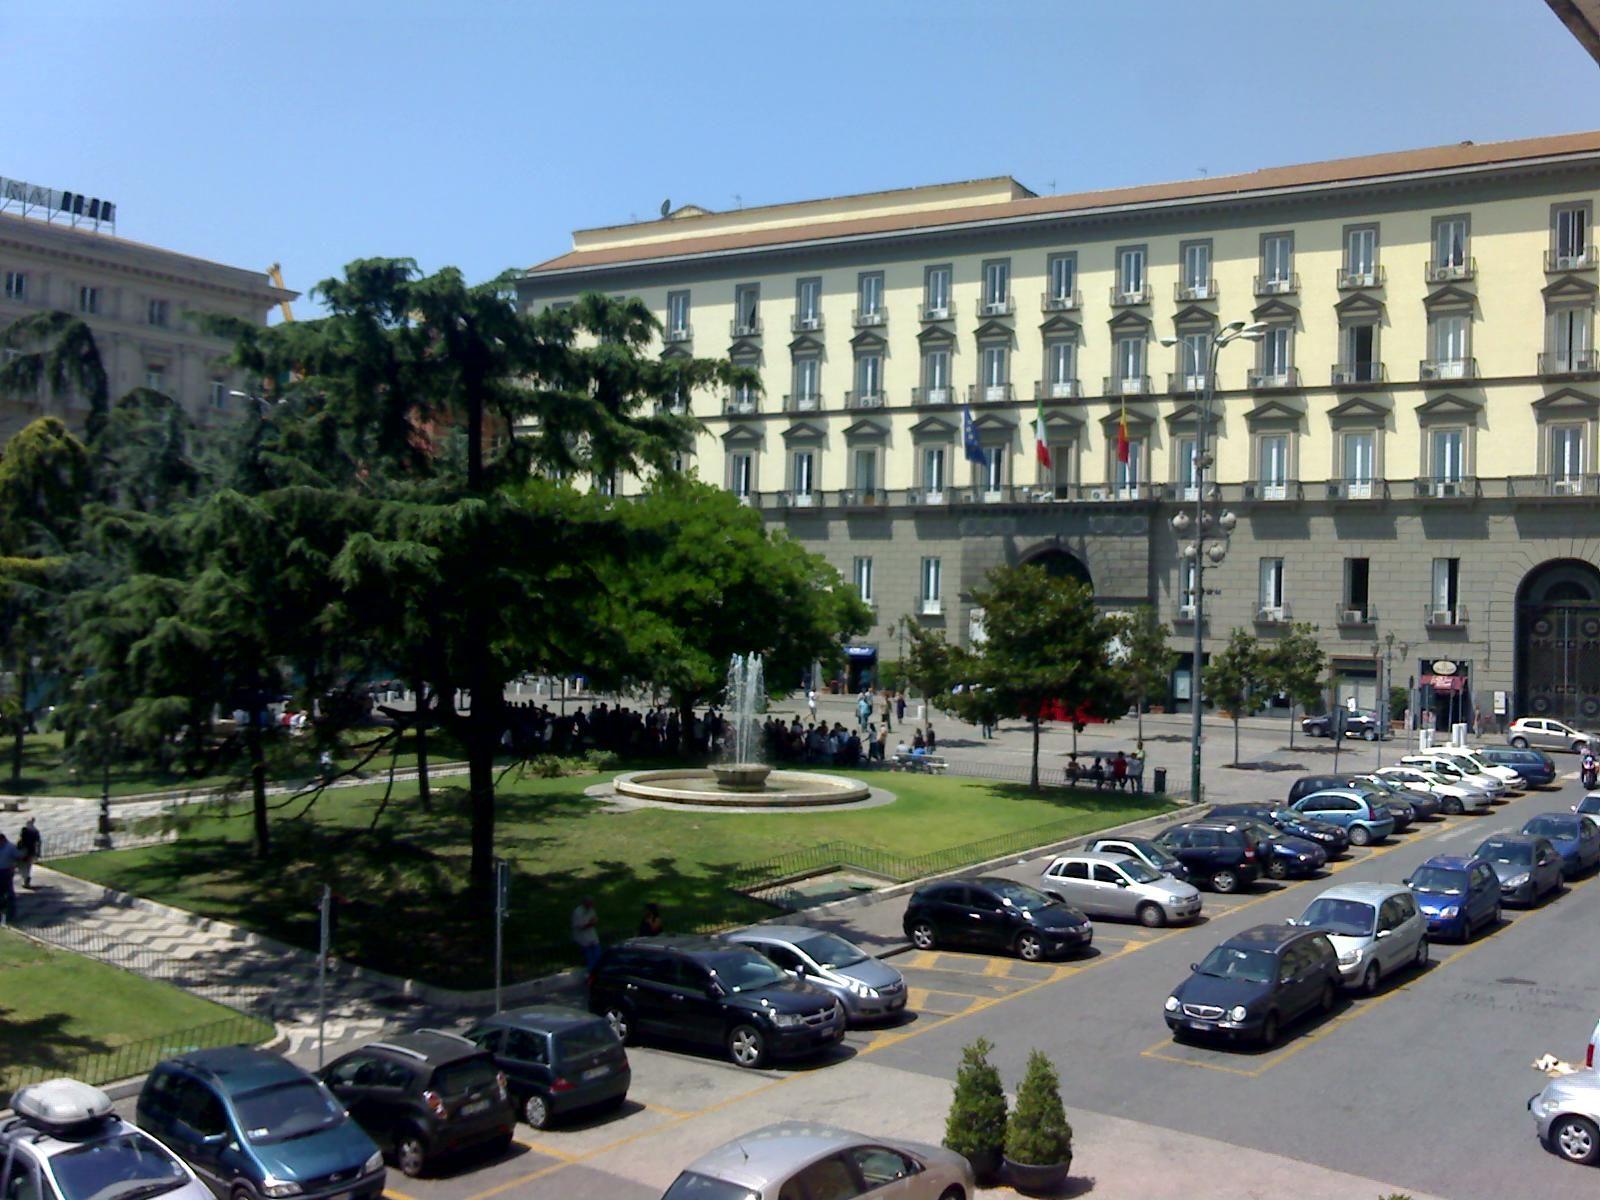 Stazione Municipio, arriva l'inaugurazione della linea 1 della Metro di Napoli